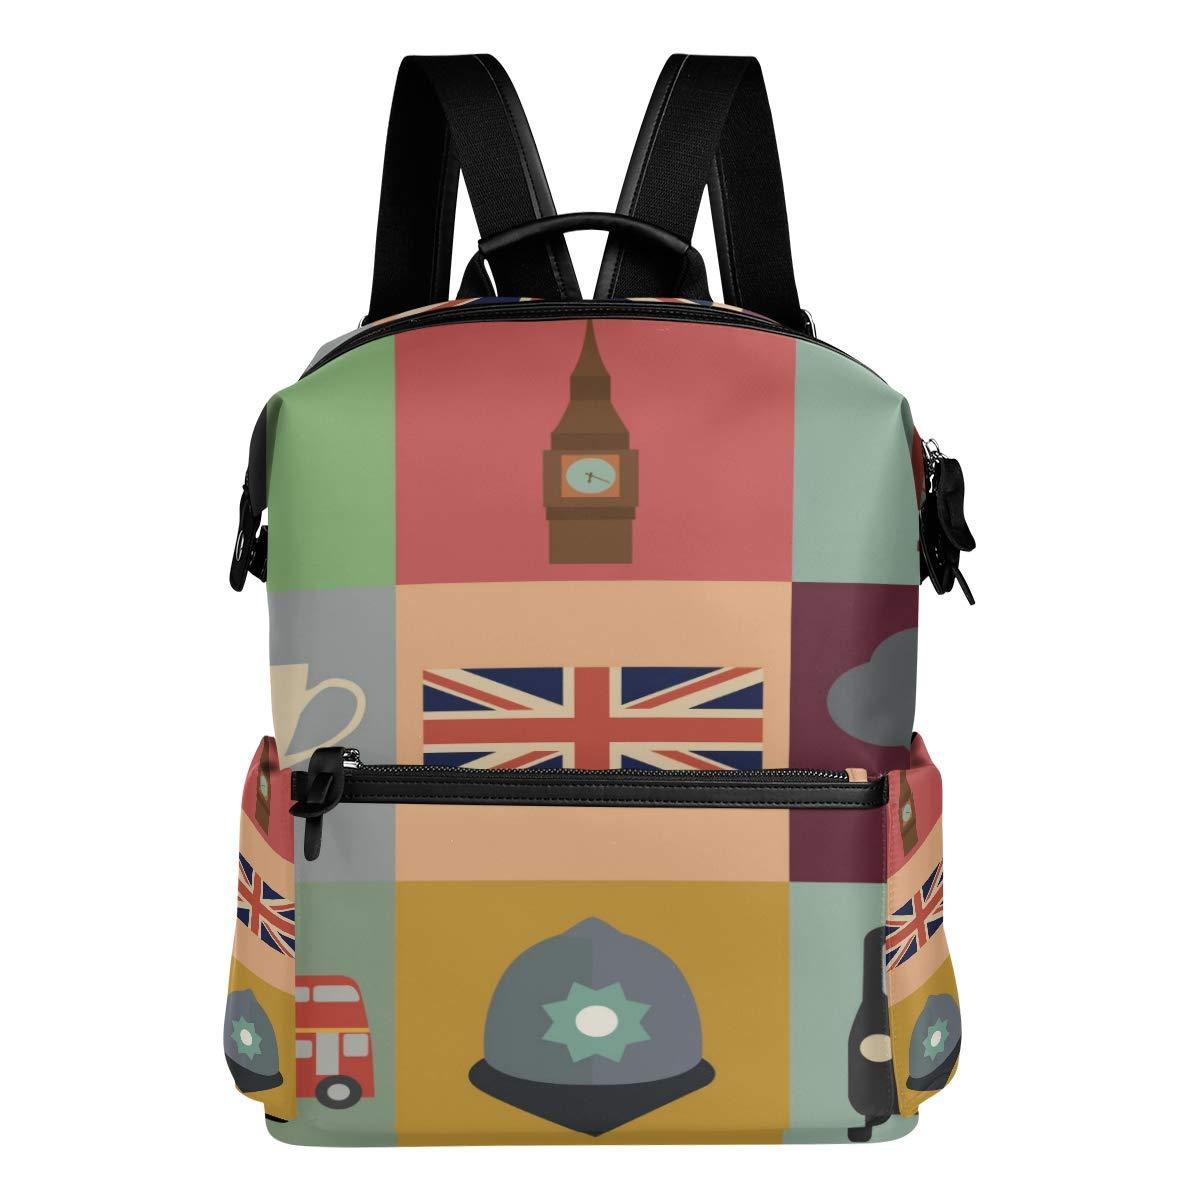 QIAOSHENG British Flag Pattern Backpack, Durable Backpack Waterproof Backpack Leisure College Backpack School Bag